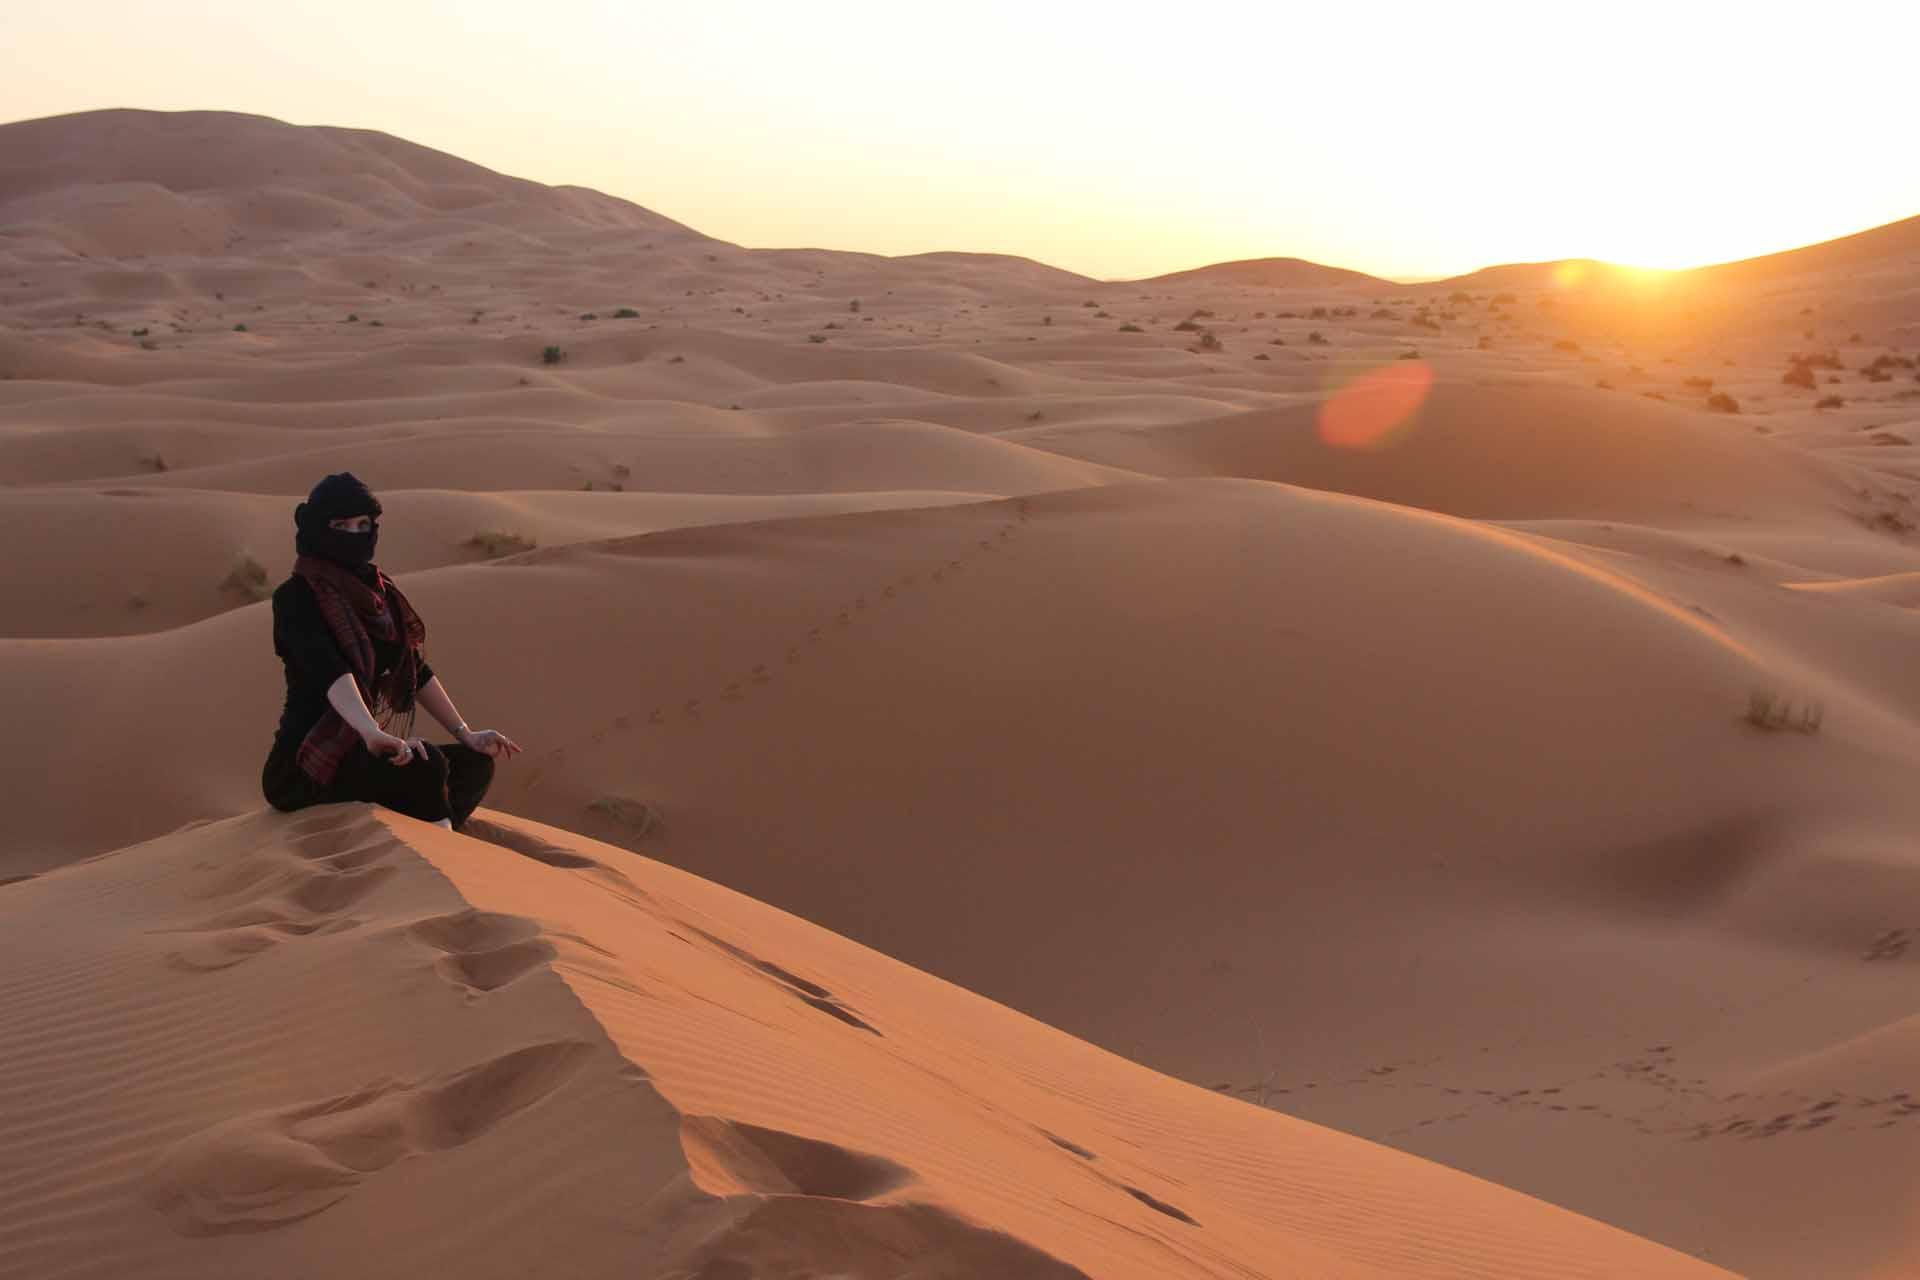 картинки на аву пустыня и глазами странице